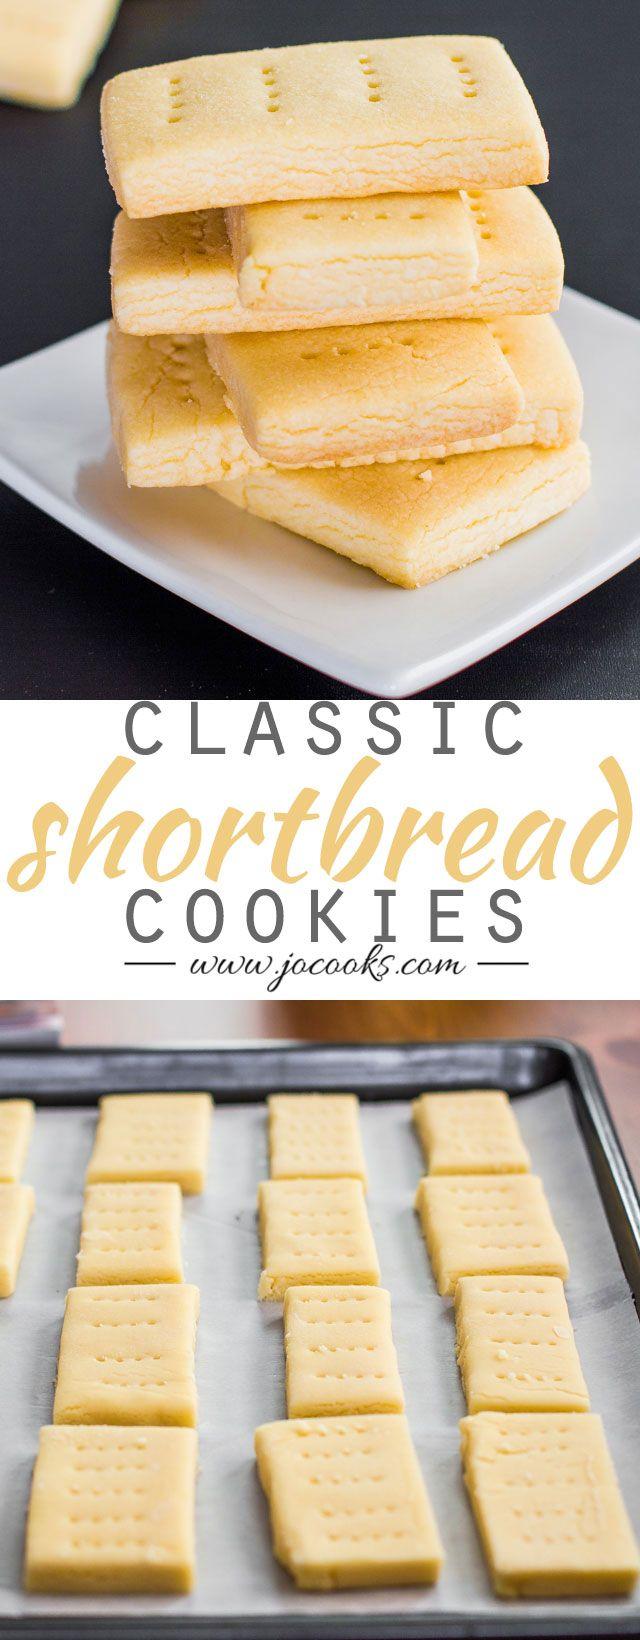 Classic Shortbread Cookies #recipe